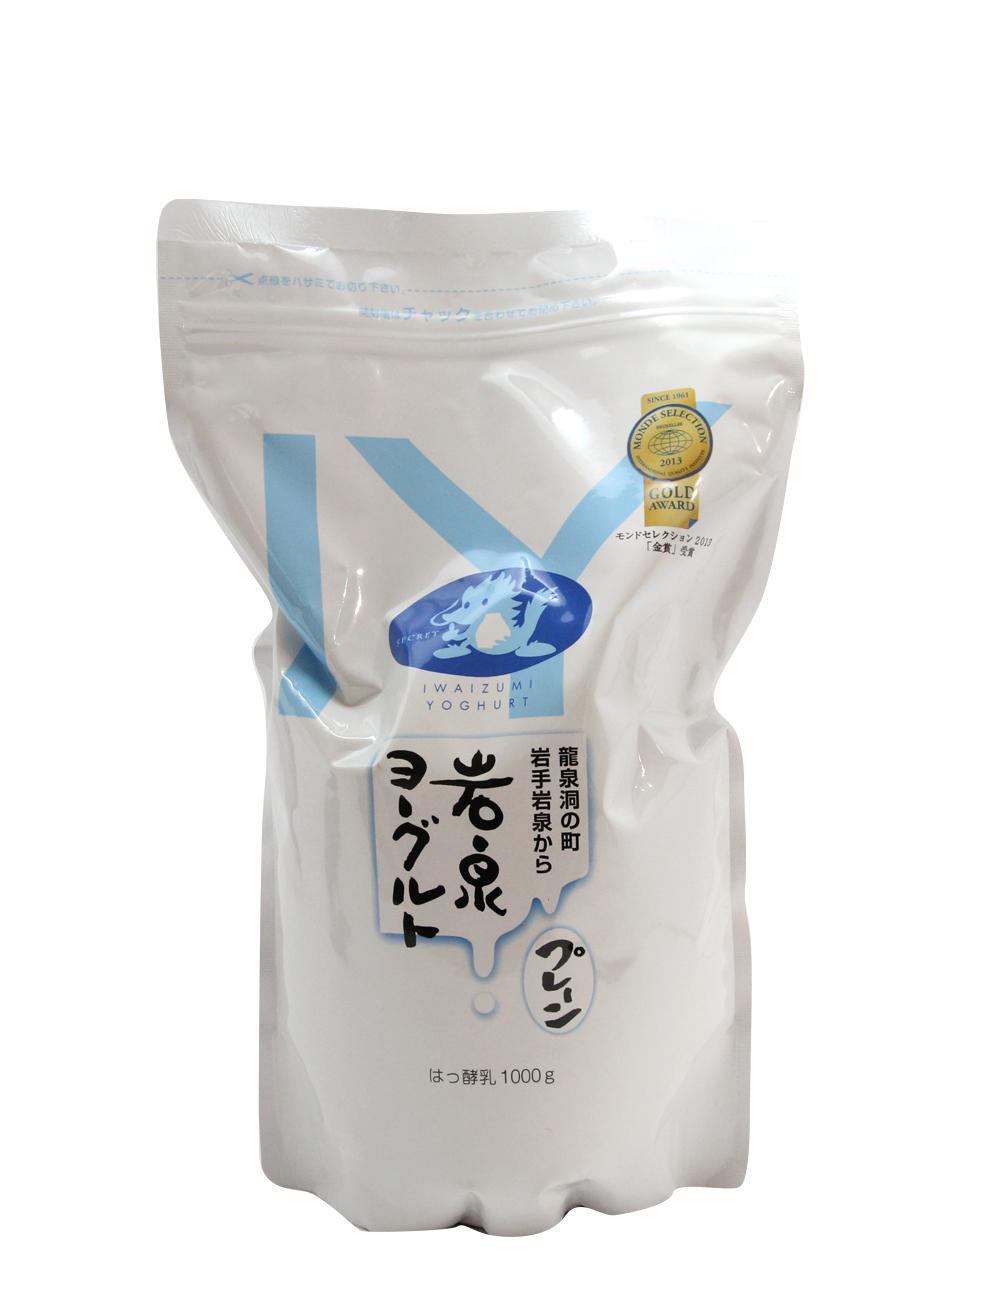 岩泉ヨーグルト プレーン モンドセレクション2013金賞